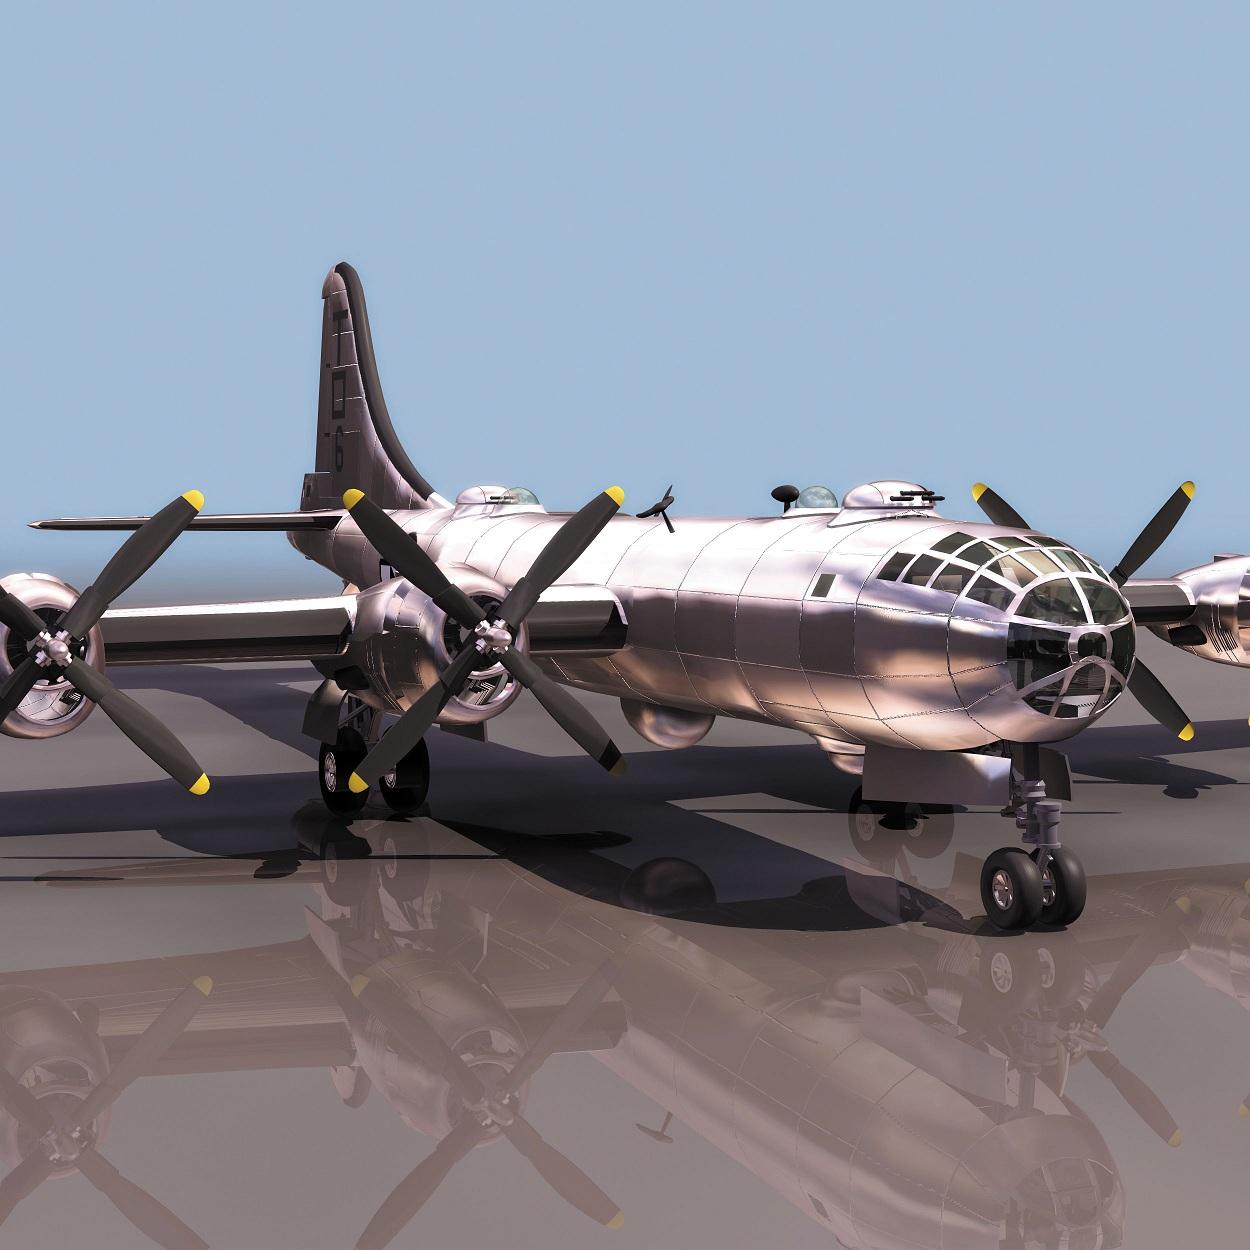 飞机3D模型系列 19-20世纪飞机历史博物馆 B-29轰炸机 B-29轰炸机命名延续自B-17飞行堡垒,是美国陆军航空队在第二次世界大战亚洲战场的主力战略轰炸机,是二次大战时各国空军中最大型的飞机,也是当时集各种新科技的最先进的武器之一,被称为史上最强的轰炸机。 模型格式是3DS,压缩包内含有模型贴图。 点:6160 面:9960 喜欢飞机的朋友请下载